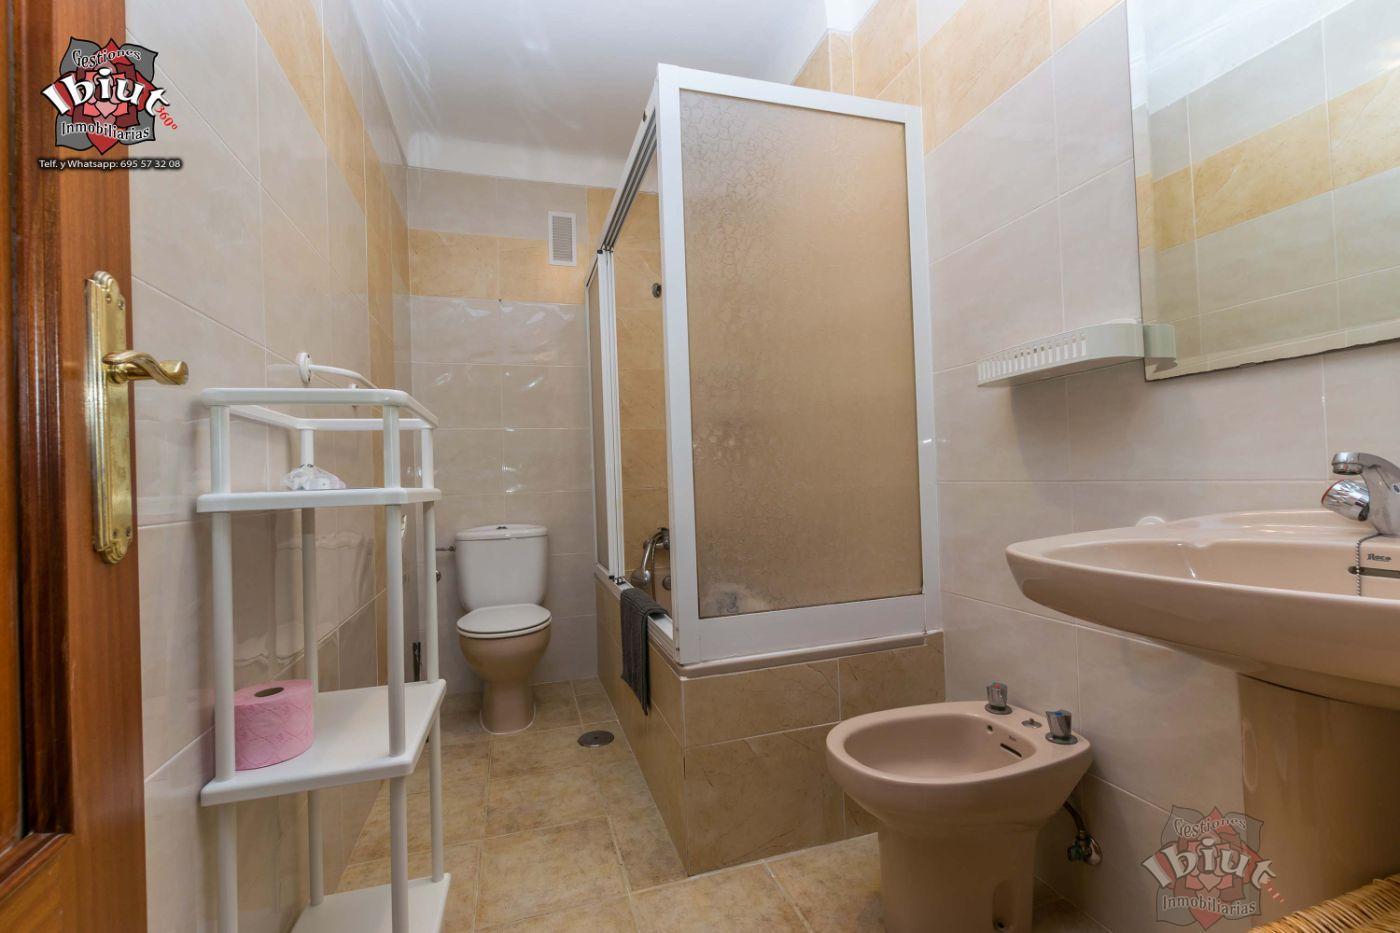 For rent of flat in Caleta de Vélez